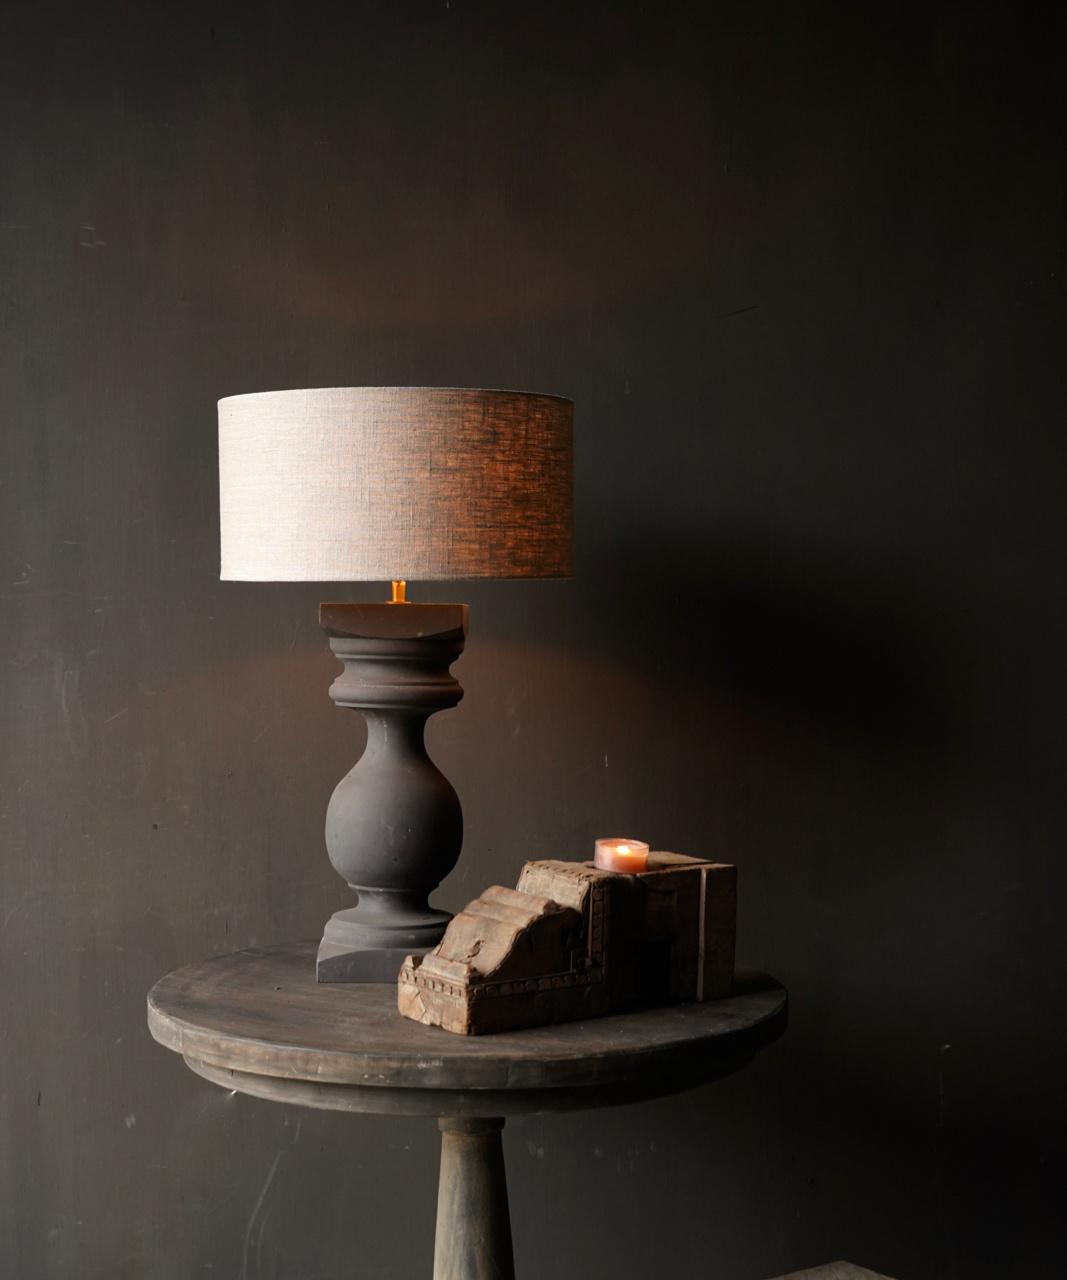 Houten Baluster lamp voet-1